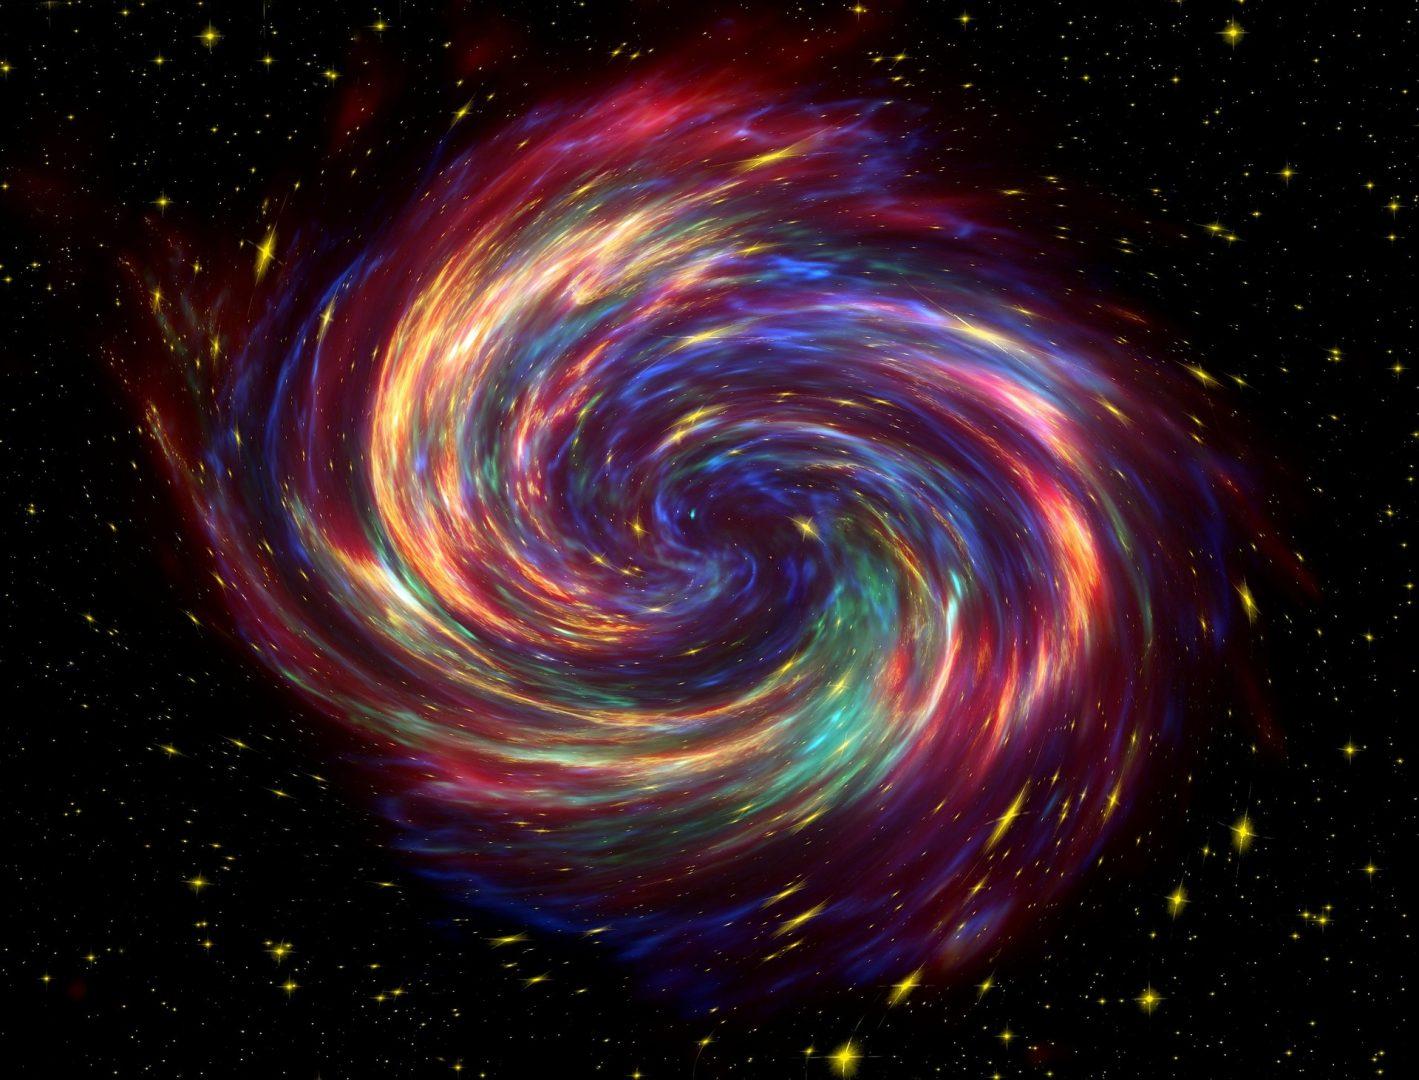 смарт-телескоп Умни телескопи ще направят астрономията достъпна за всички А1 Блог